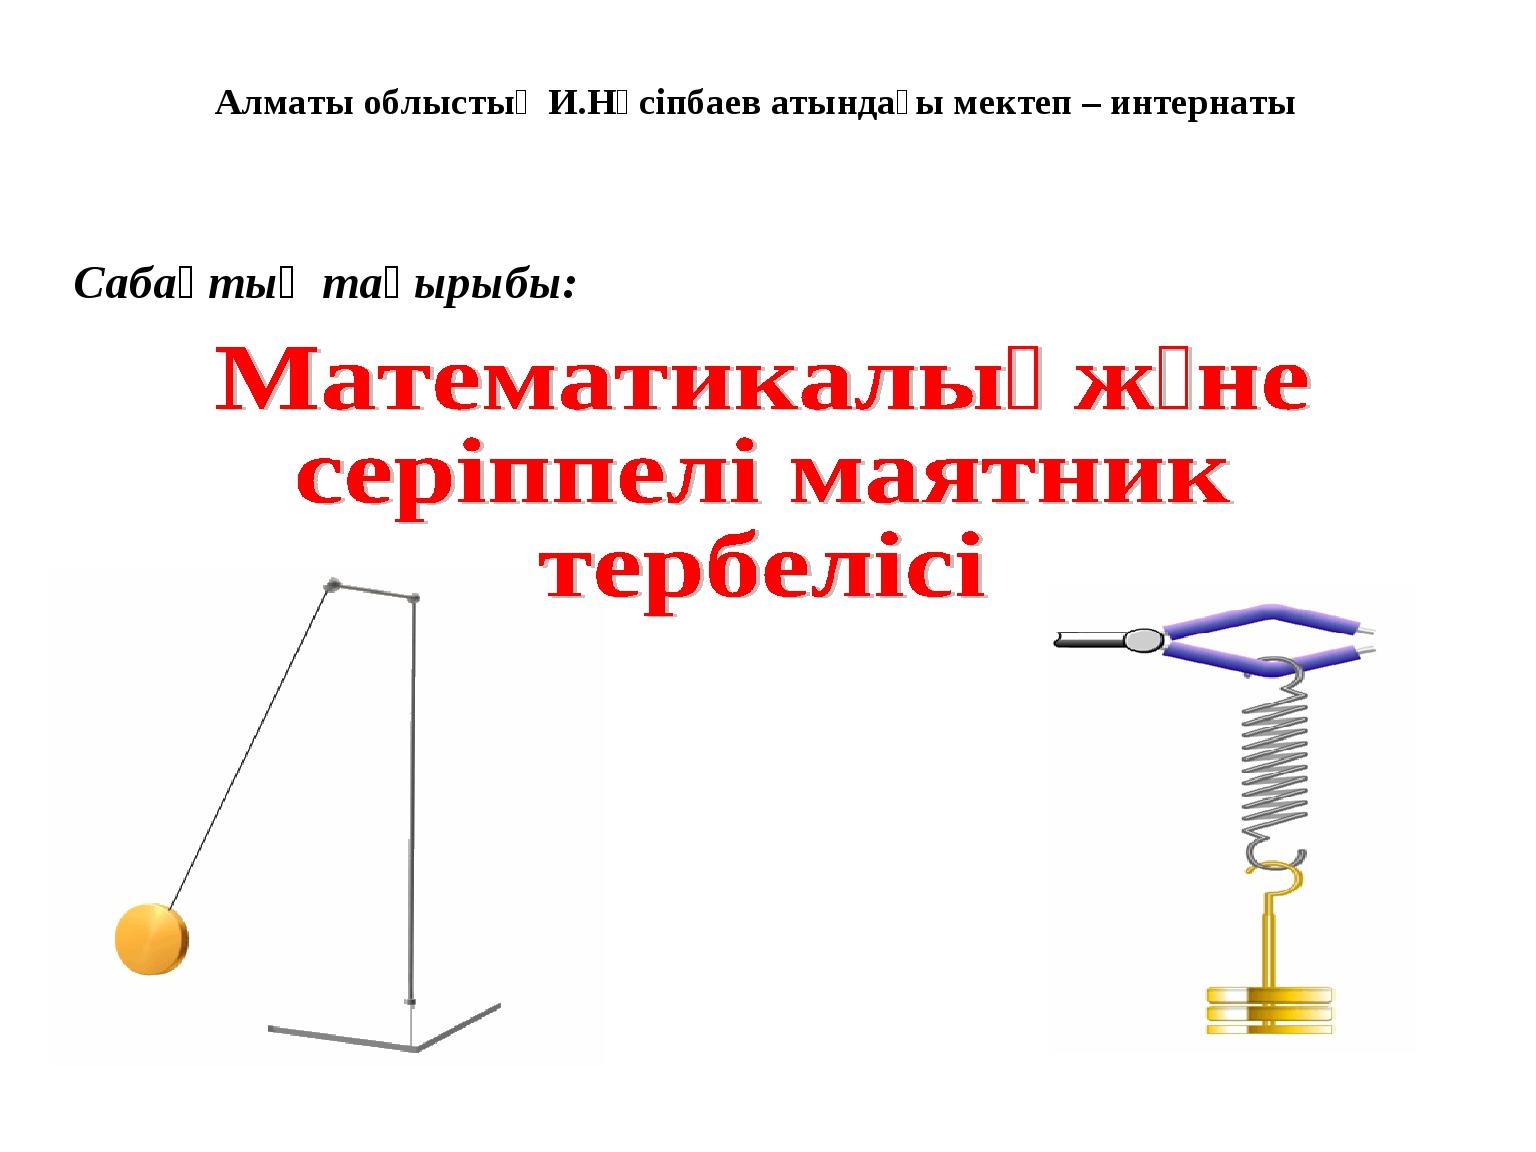 Алматы облыстық И.Нүсіпбаев атындағы мектеп – интернаты Сабақтың тақырыбы: